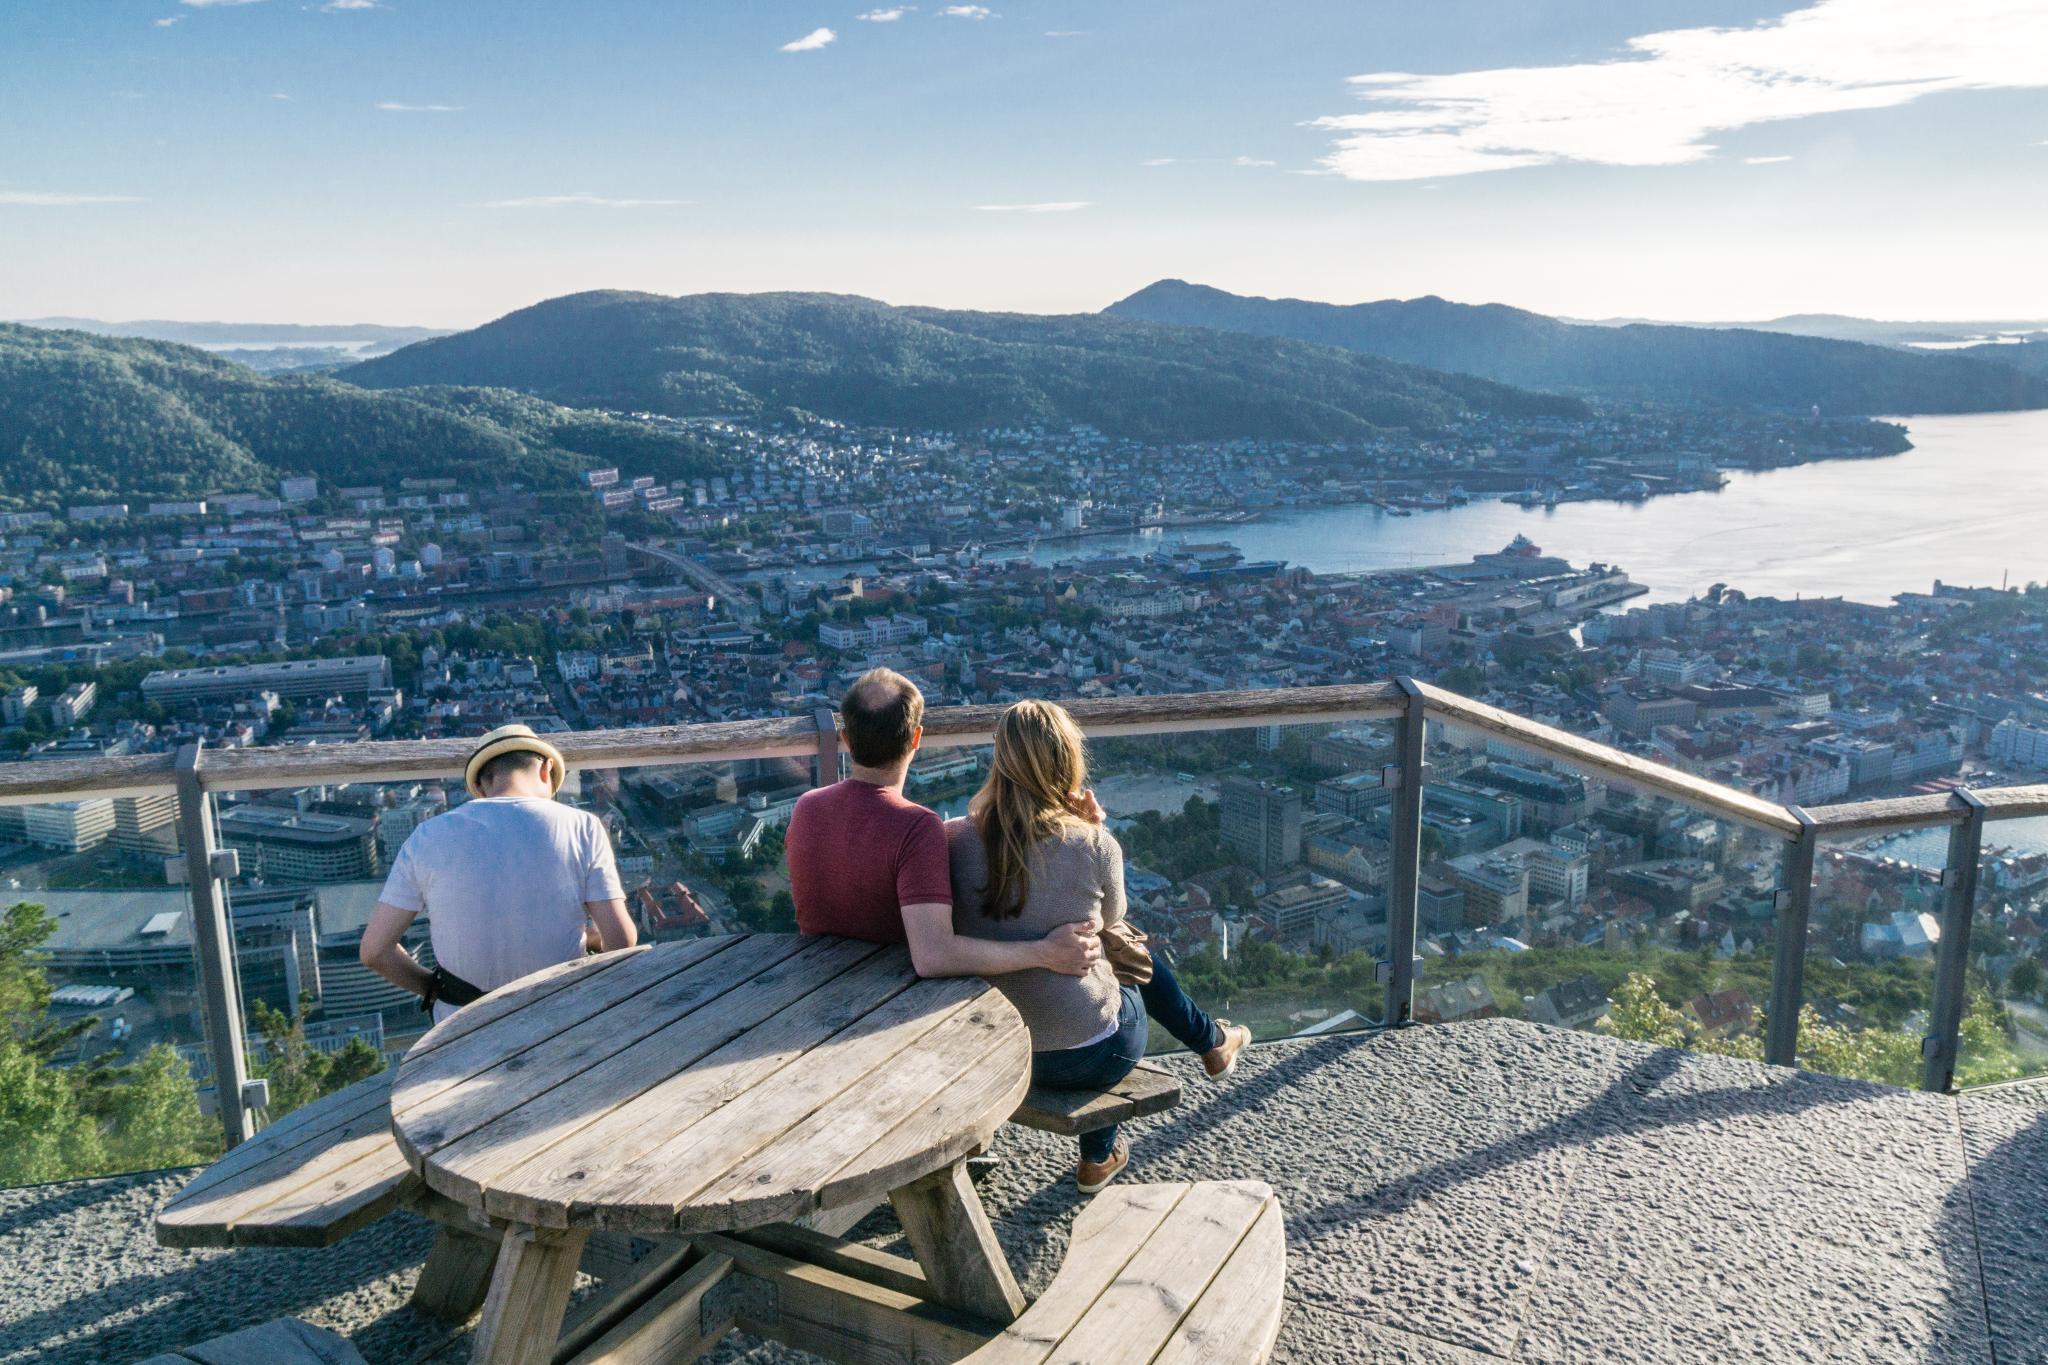 【卑爾根】Fløyen 佛洛伊恩山纜車與觀景台 — 擁抱文化港都的百萬美景 87